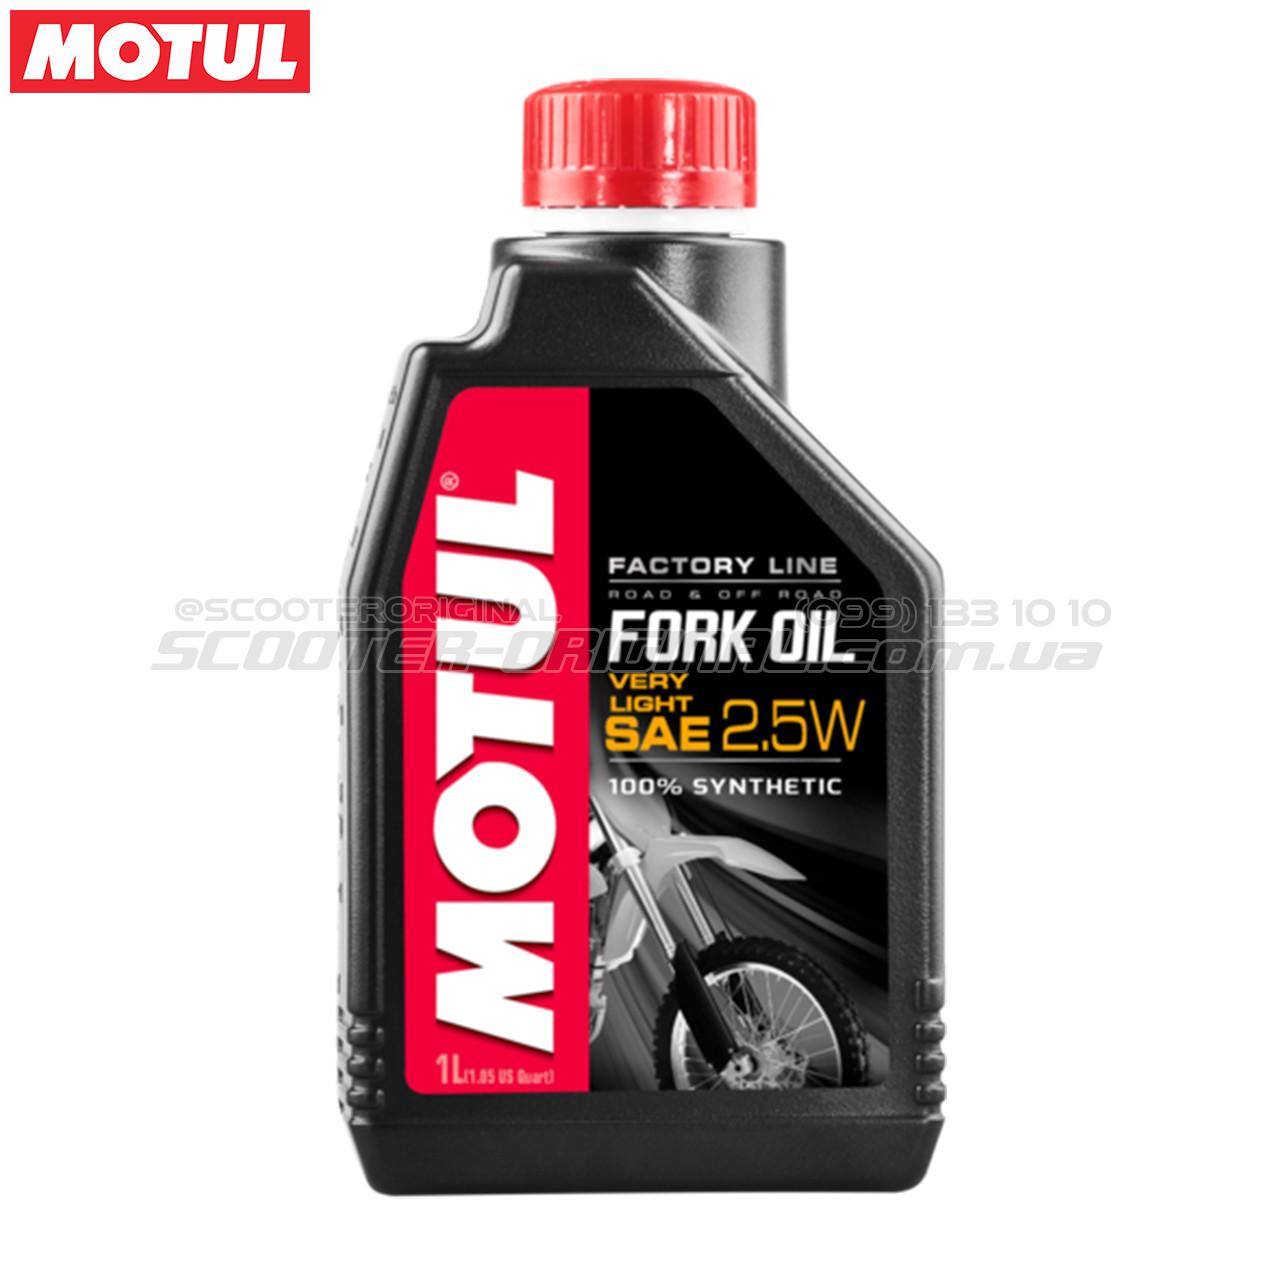 Гидравлическое масло MOTUL Fork Oil Factory Line Very Light 2.5W (1 литр)